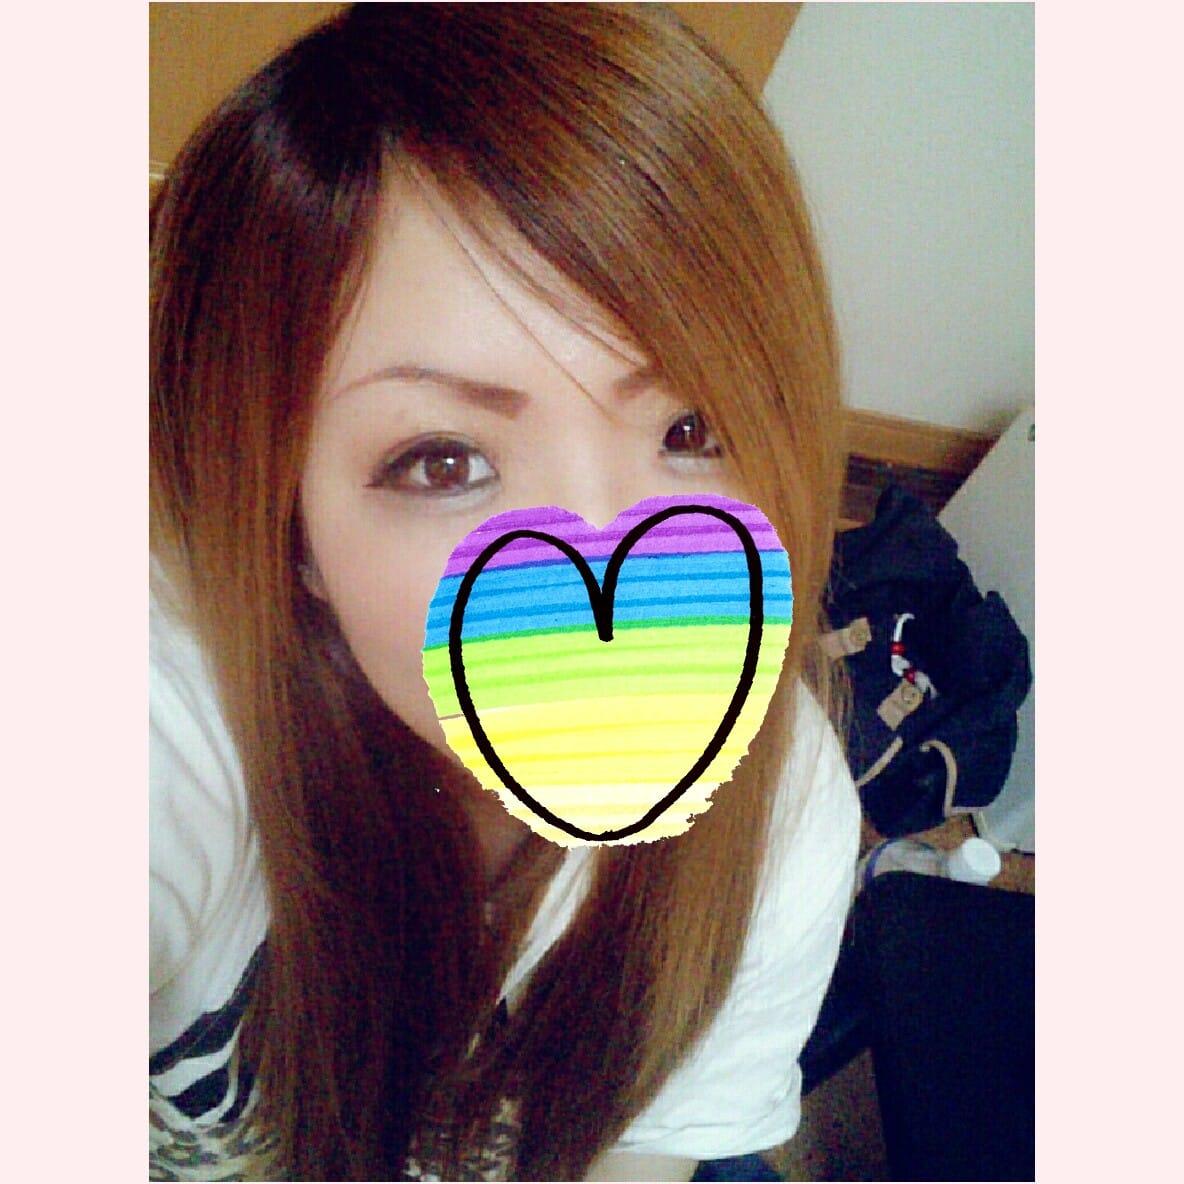 「♡おれい♡」05/14(05/14) 20:00   はのんの写メ・風俗動画